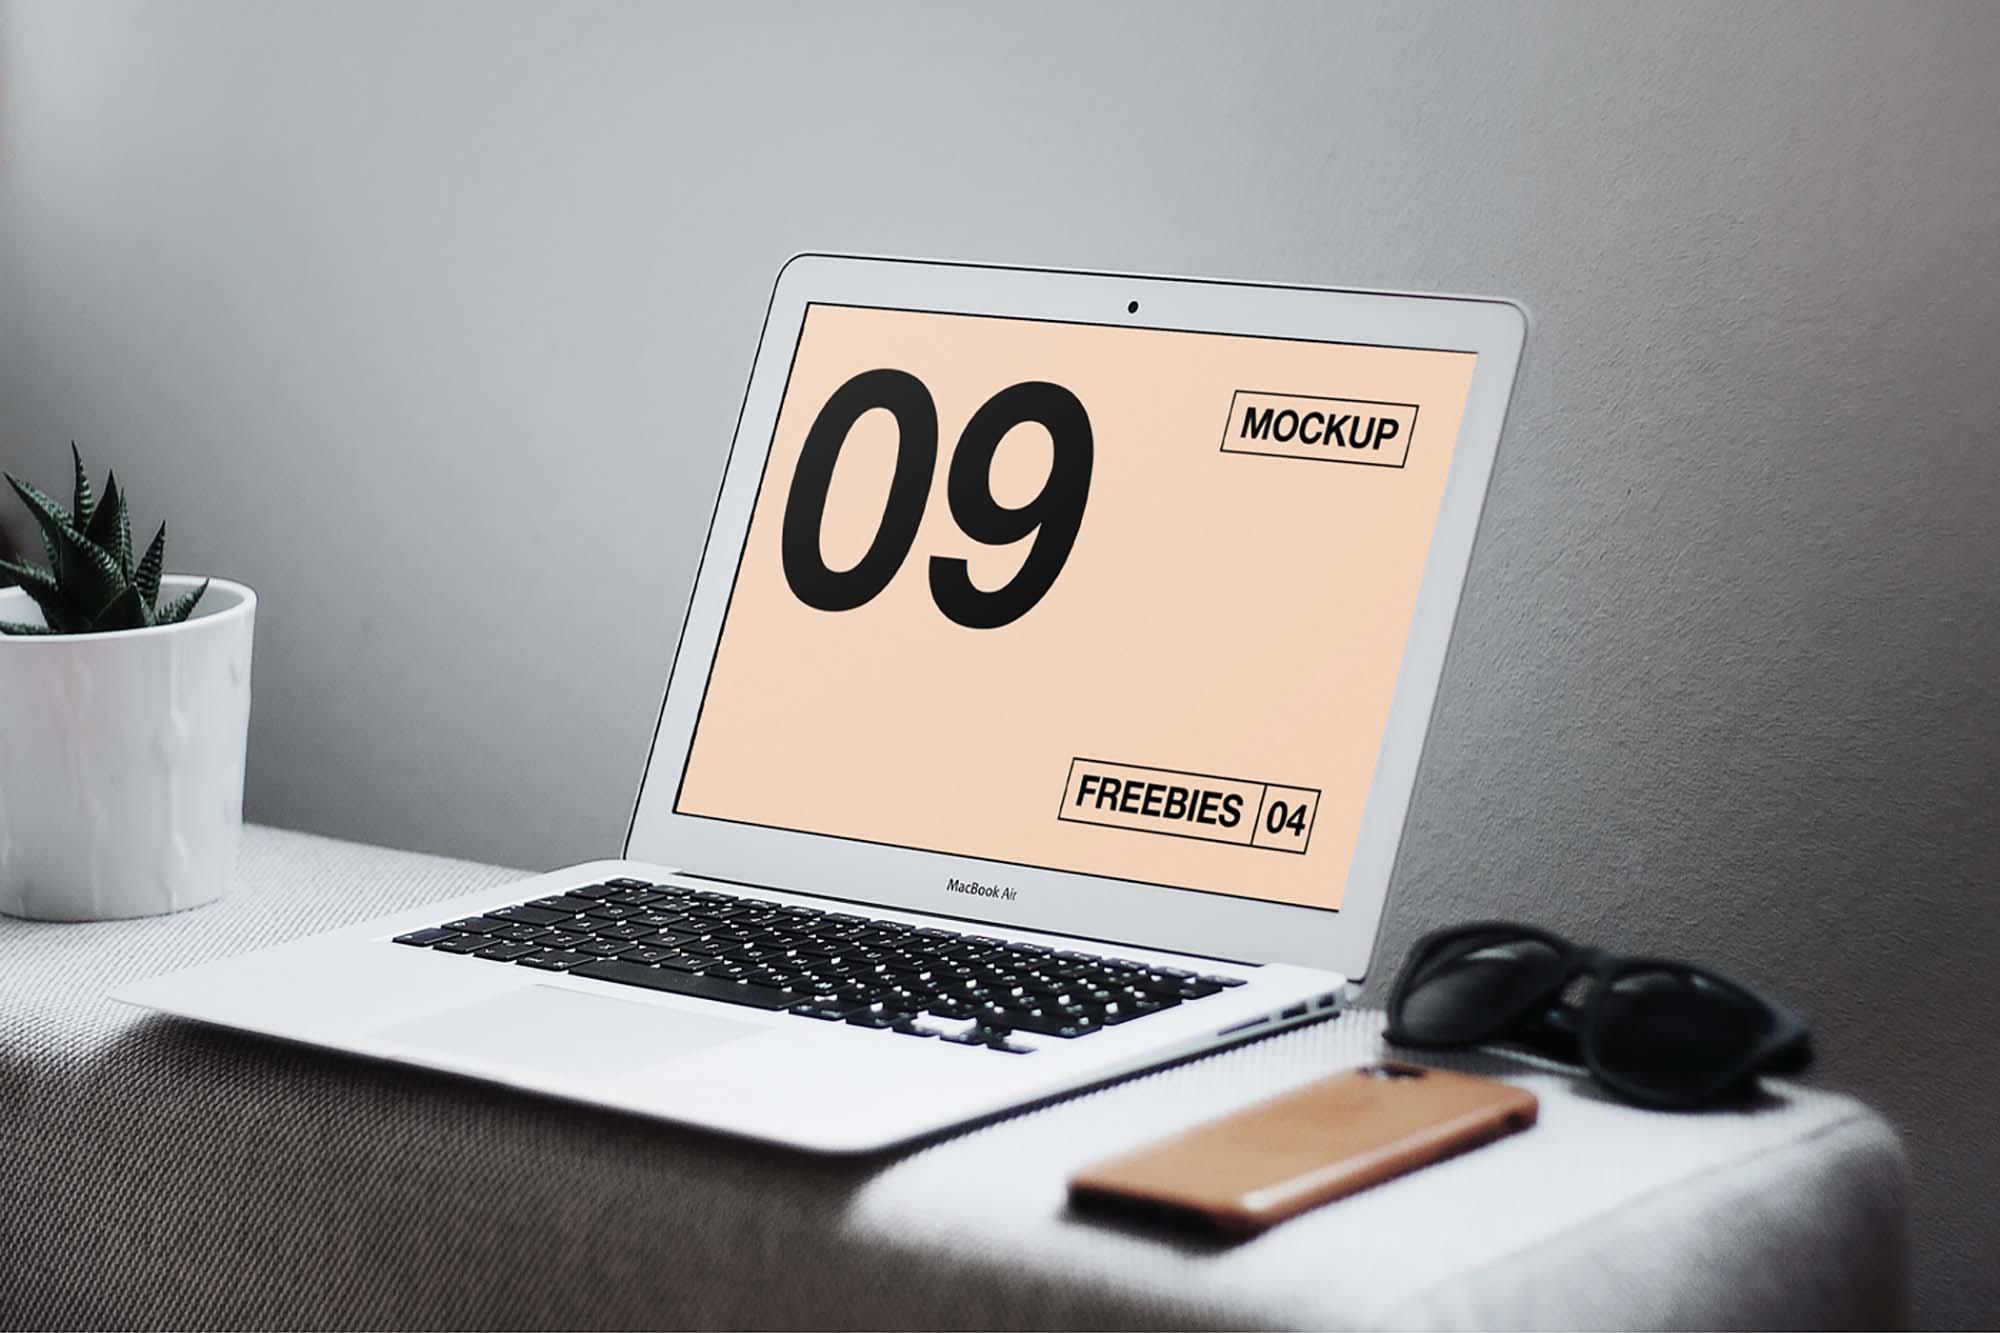 MacBook Air on Table Mockup